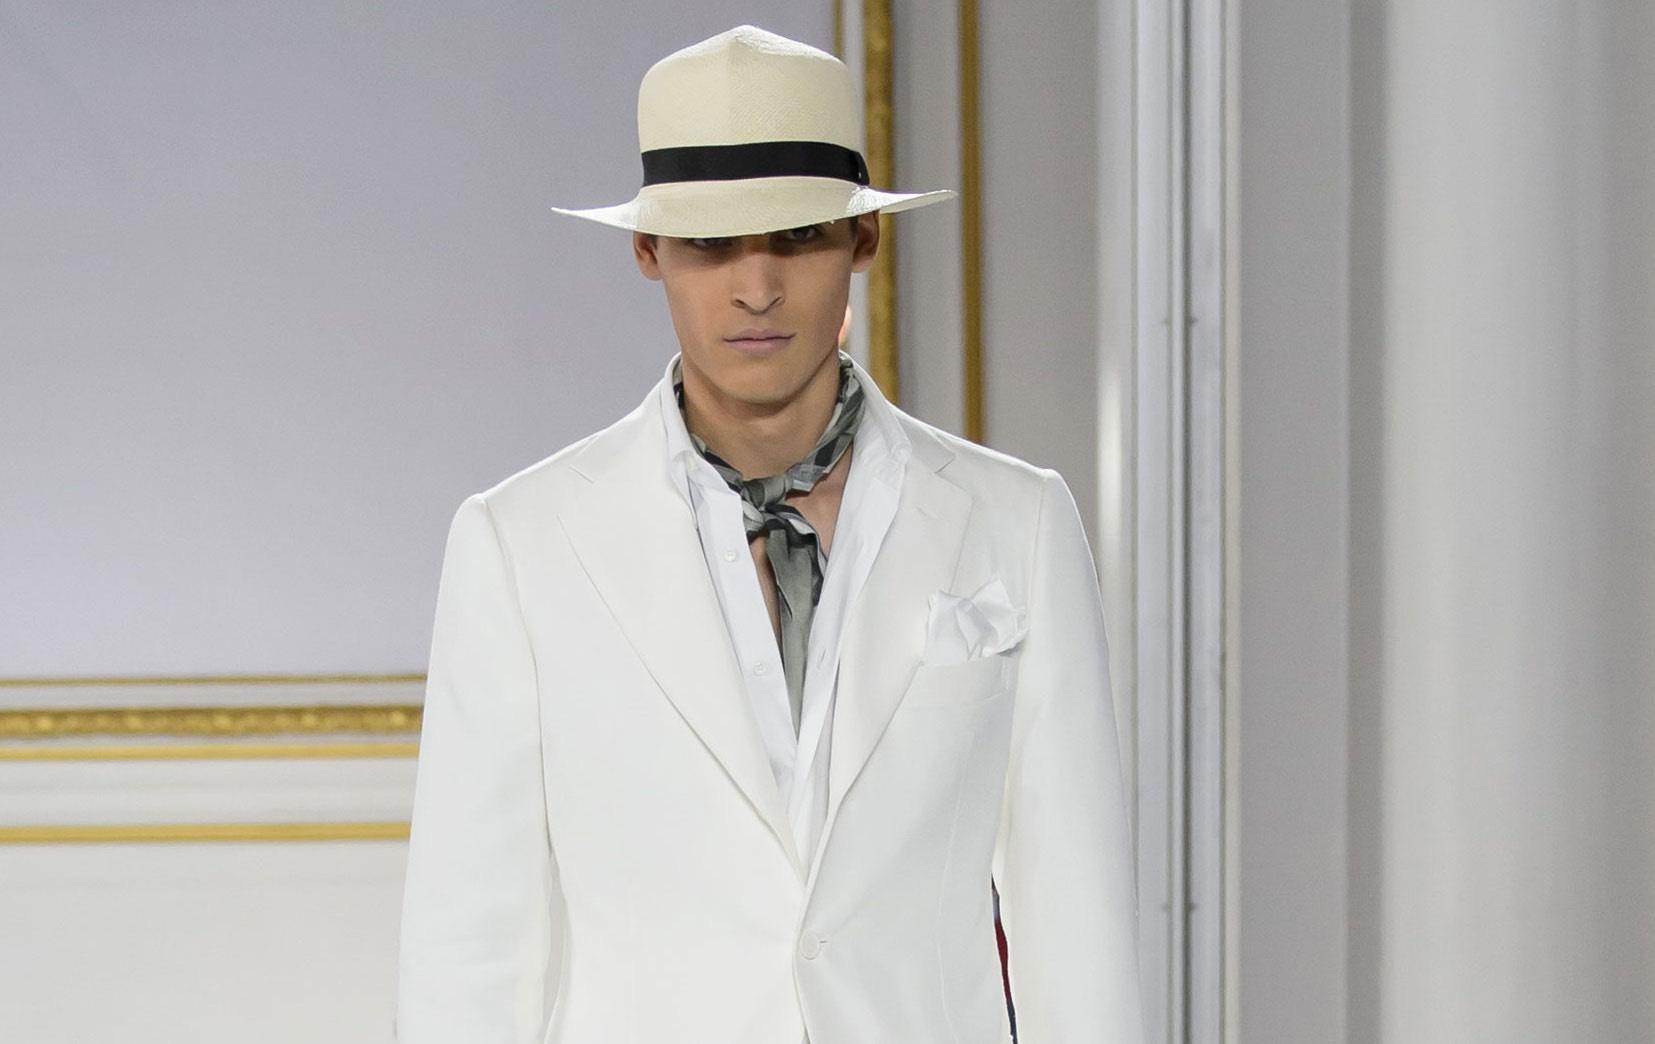 Idee Vestito Matrimonio Uomo Estate : Uomo estate idee per vestirsi di bianco cosa abbinare